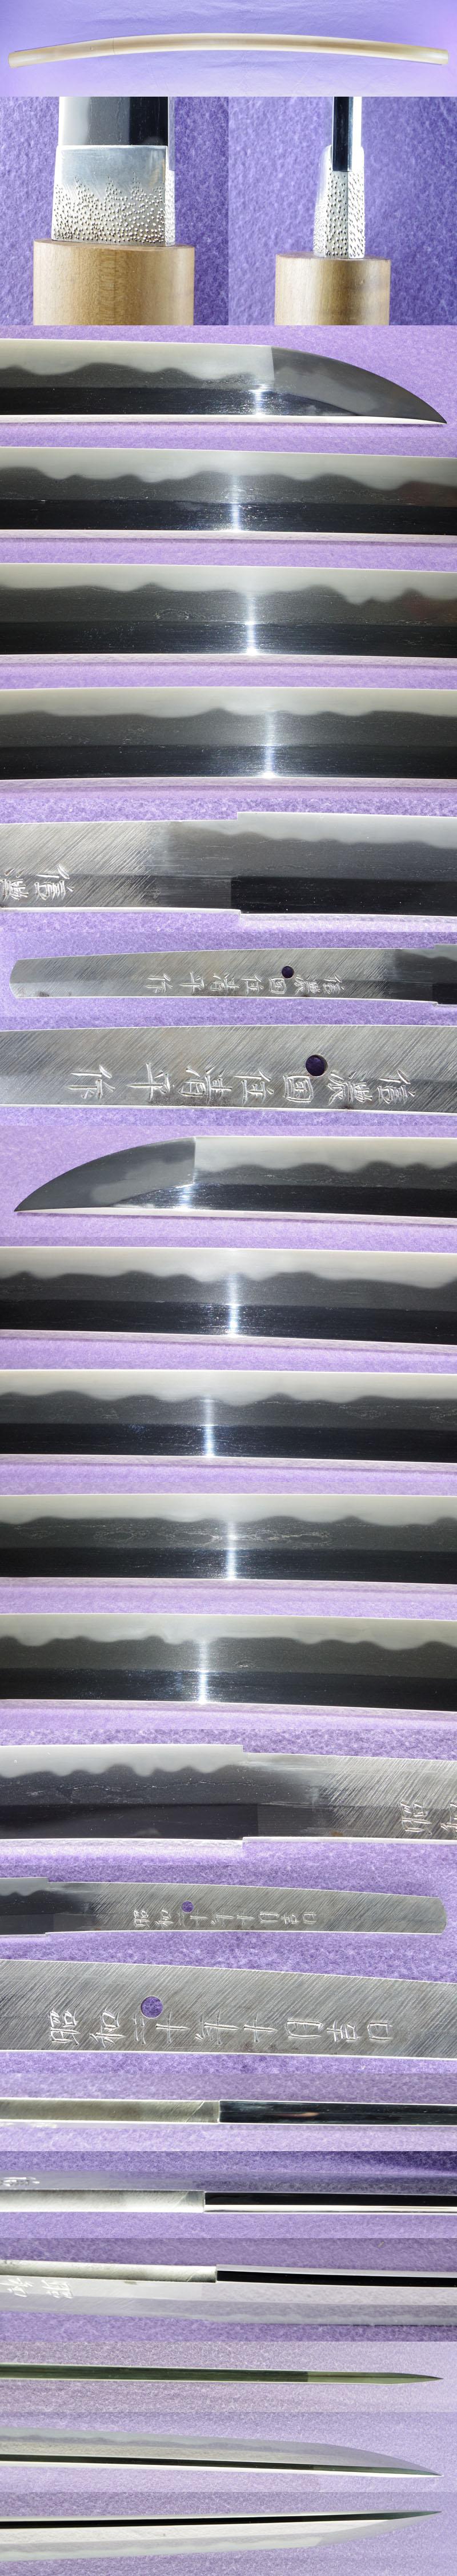 信濃国住清平作(宮入清平) Picture of parts